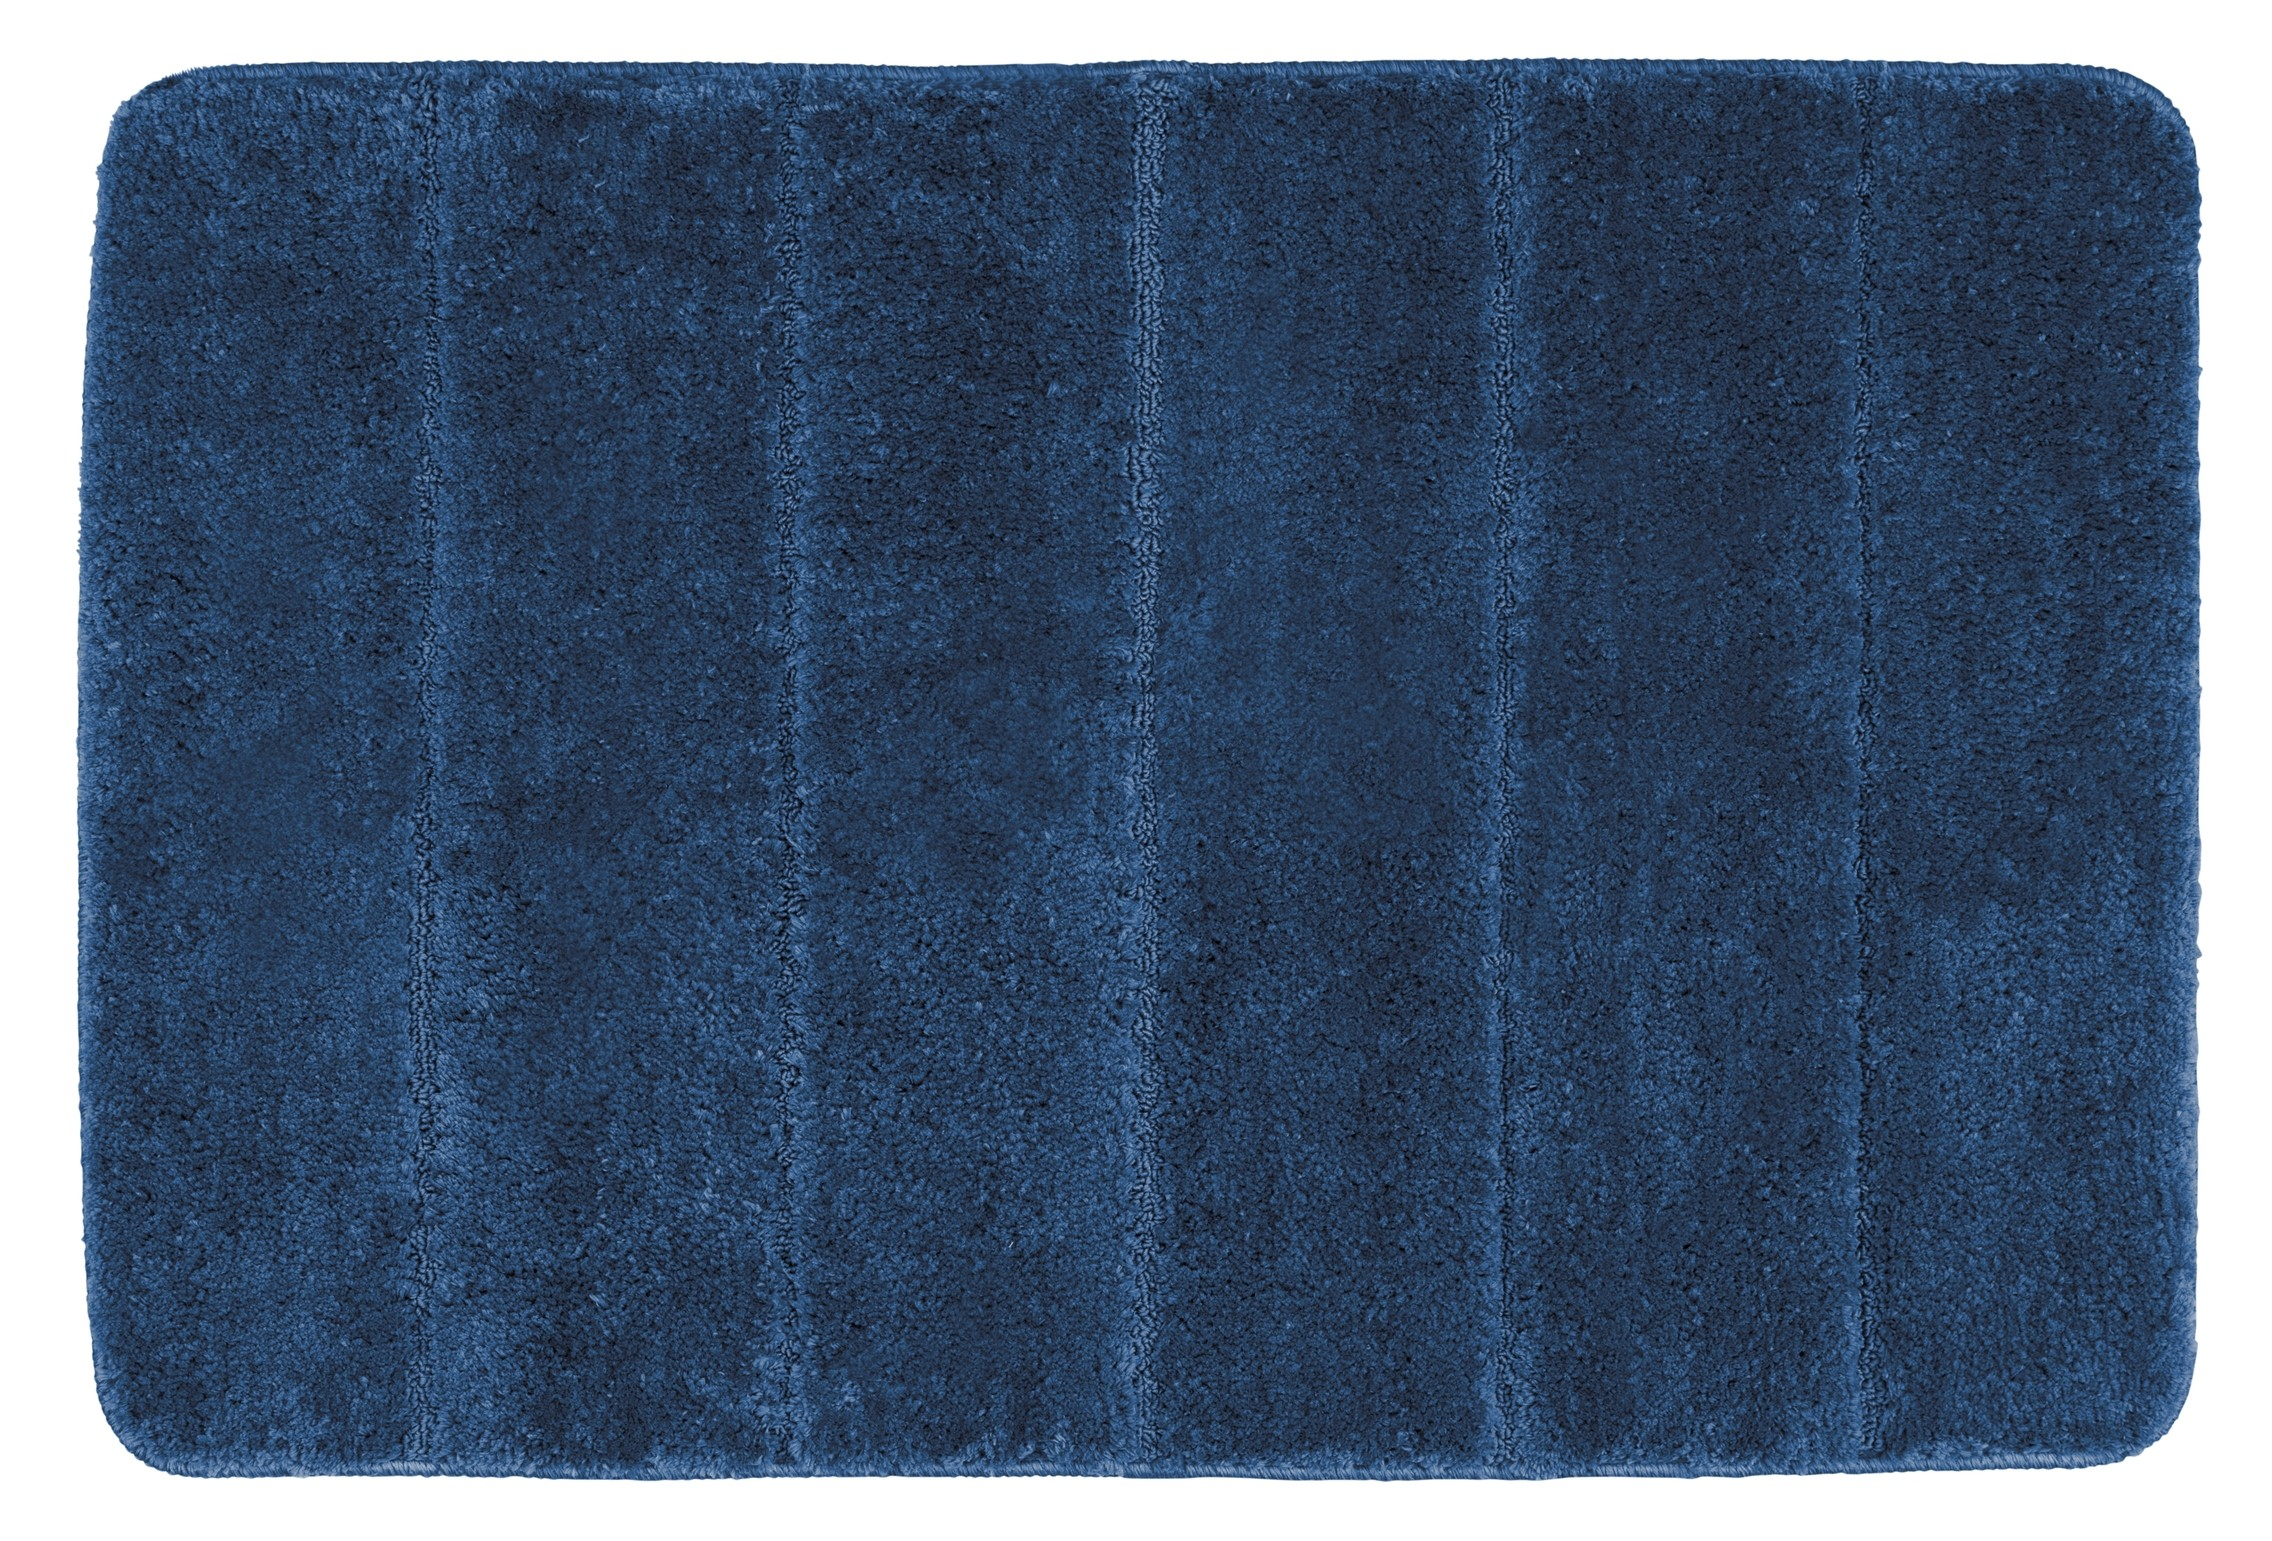 Wenko Badteppich Steps Marine Blue, 60 x 90 cm, Mikrofaser